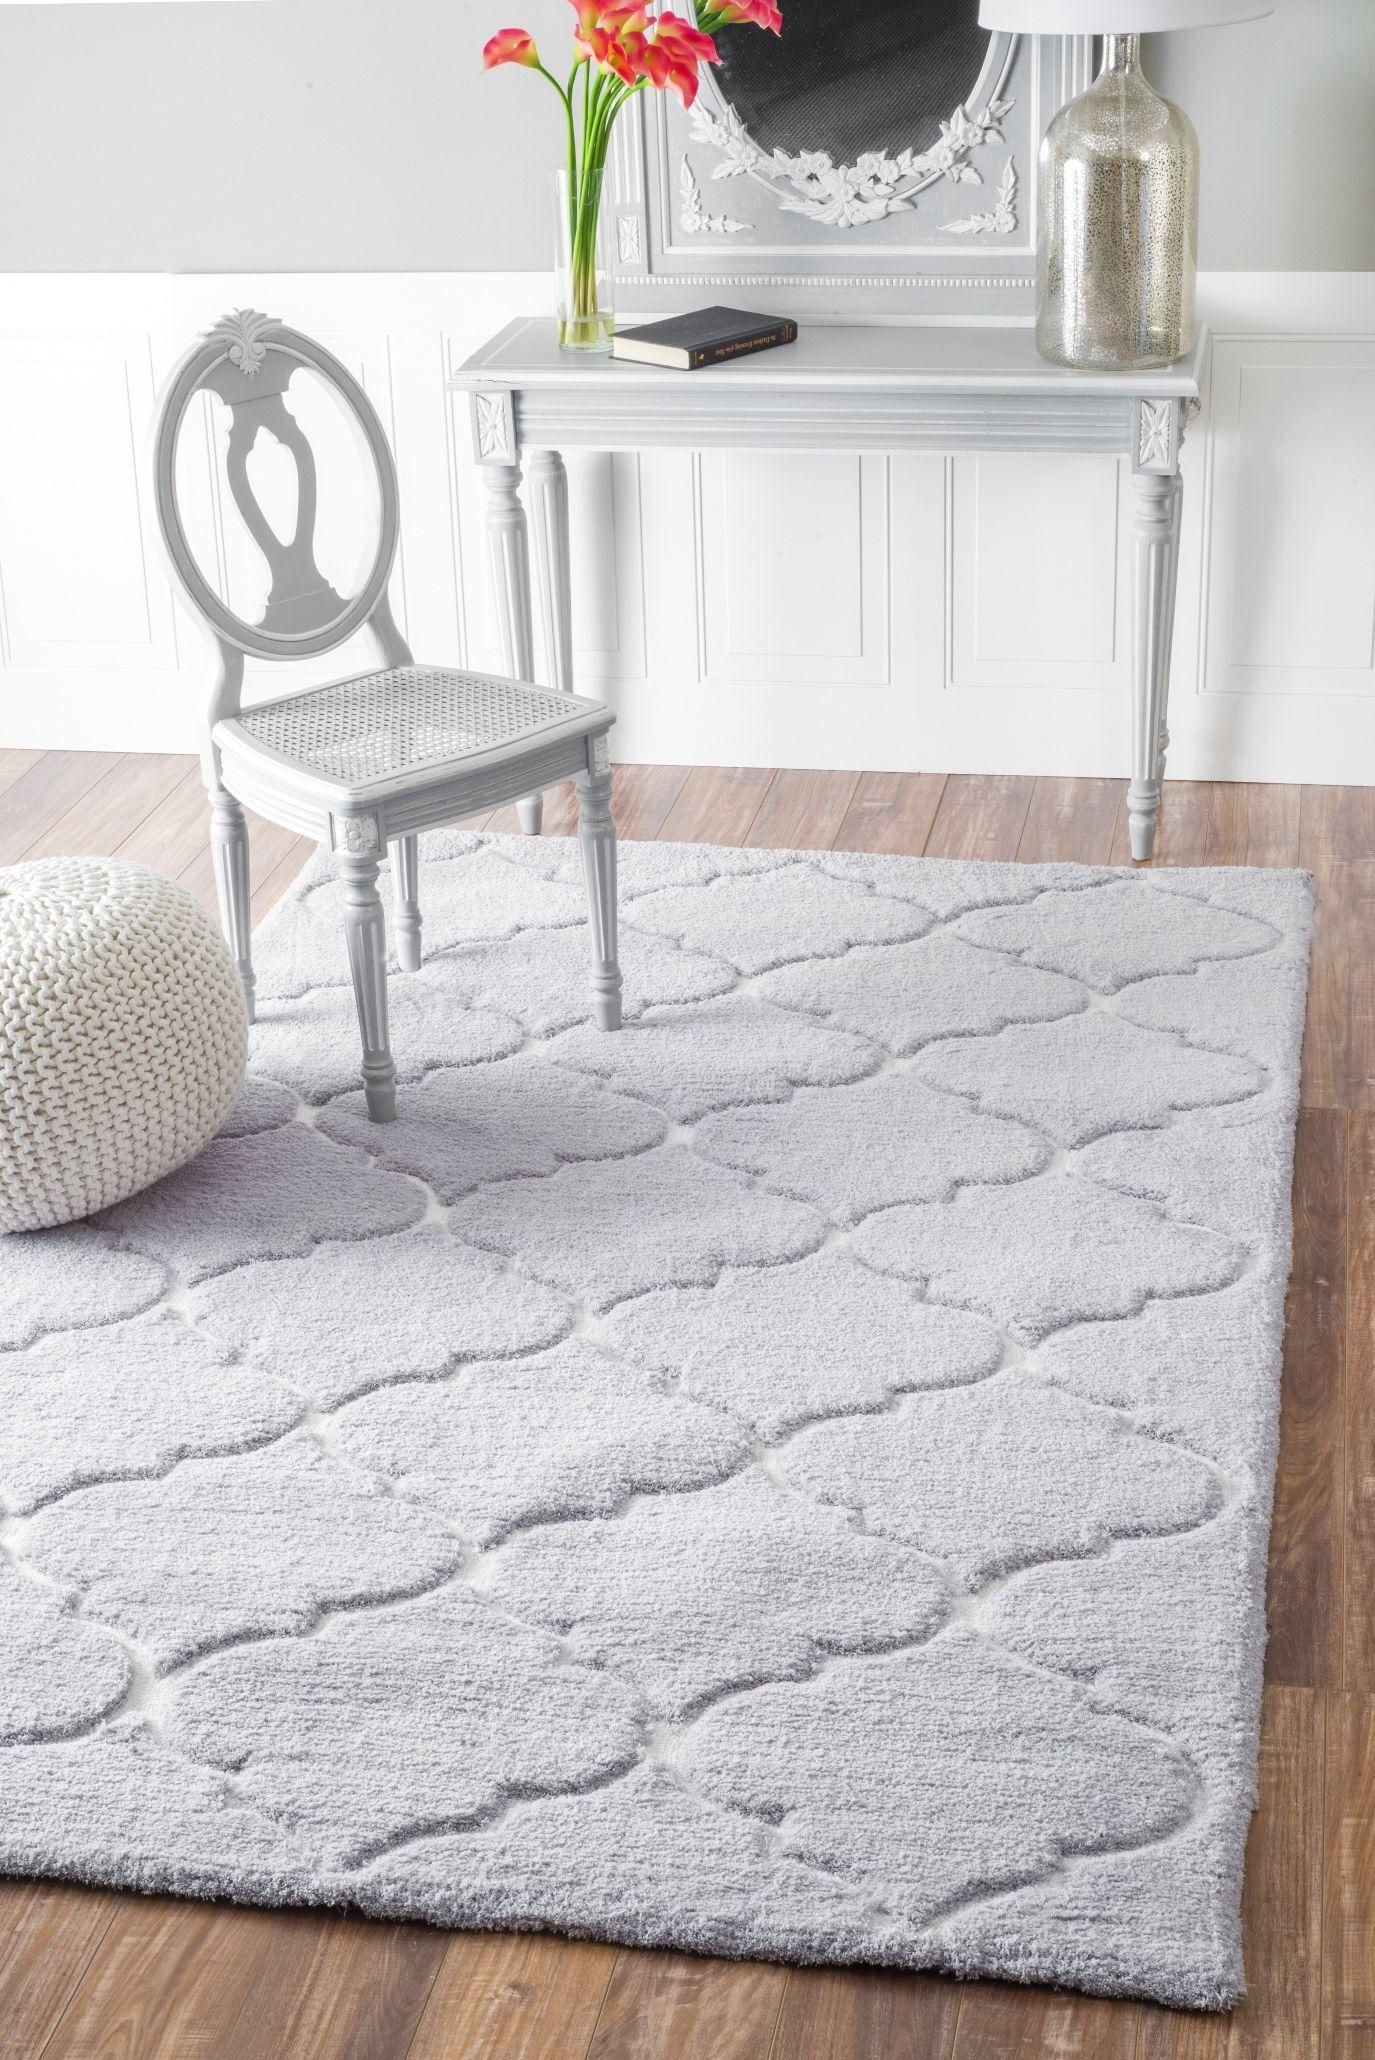 Nuloom Cine Kathline Grey Shag Area Rug Rugs In Living Room Grey Shag Rug Round Rug Living Room